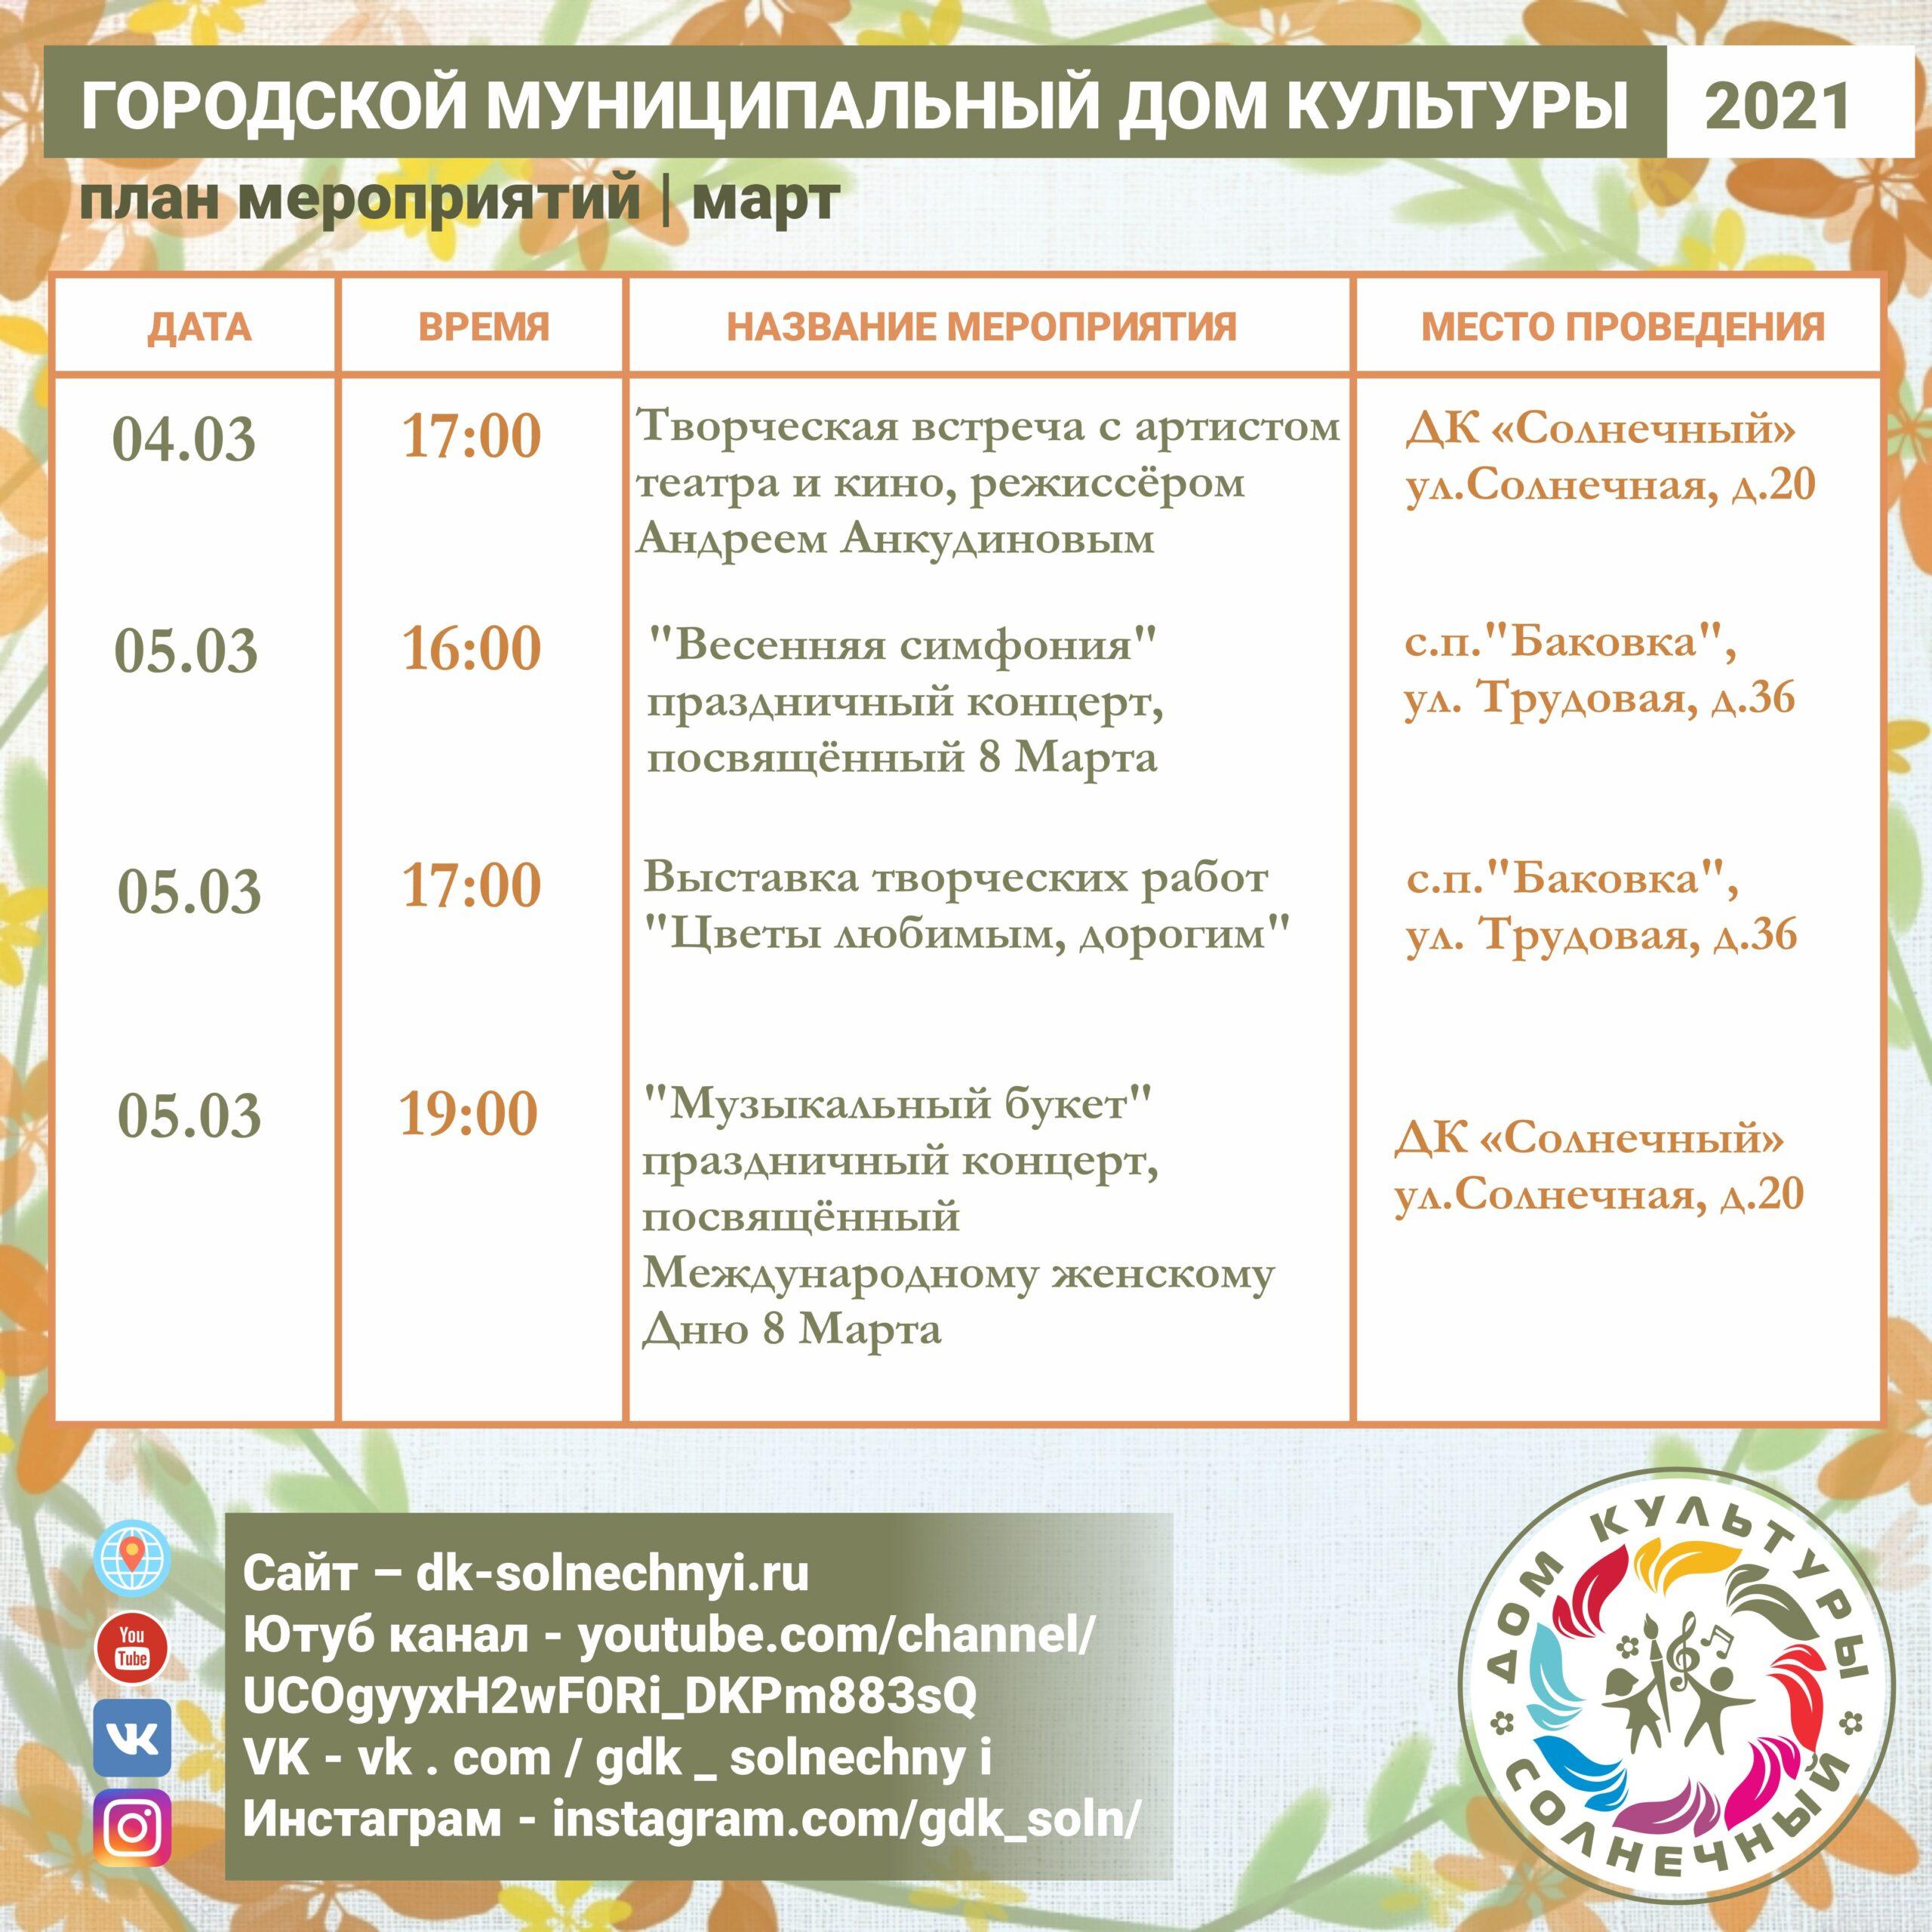 План мероприятий ДК «Солнечный» на март 2021 года